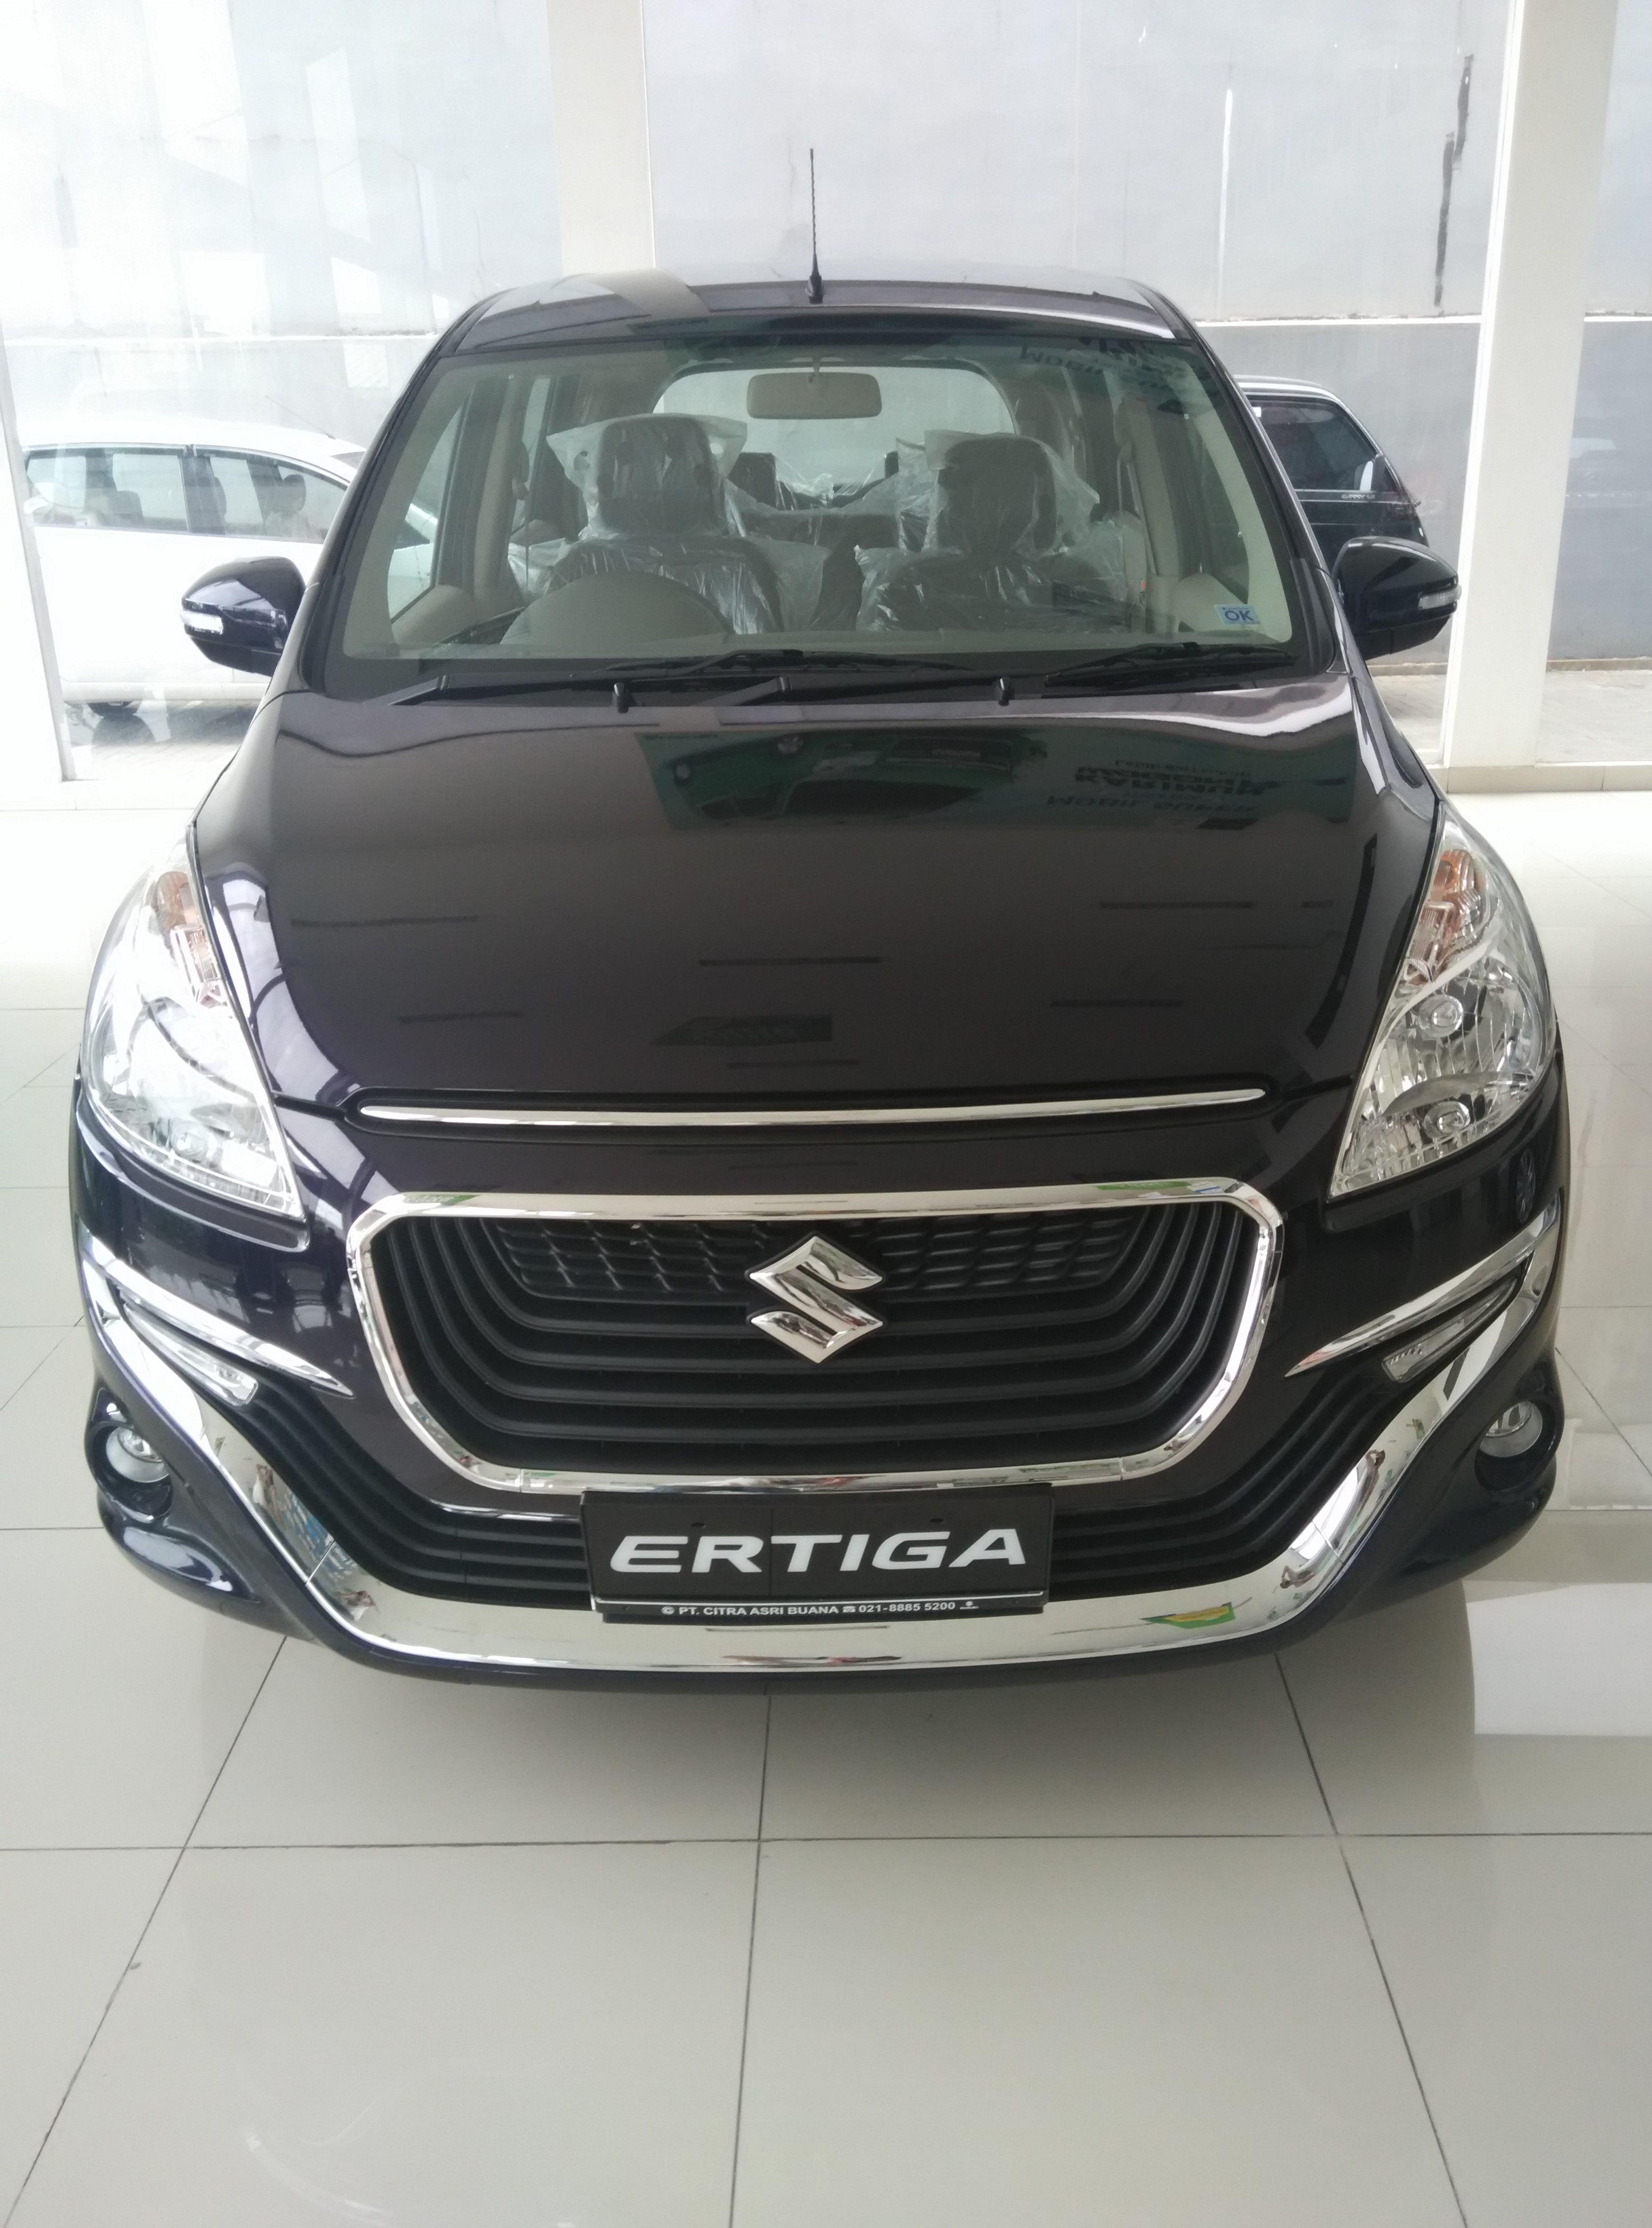 Dreza Gs depan - Suzuki ERTIGA Dreza